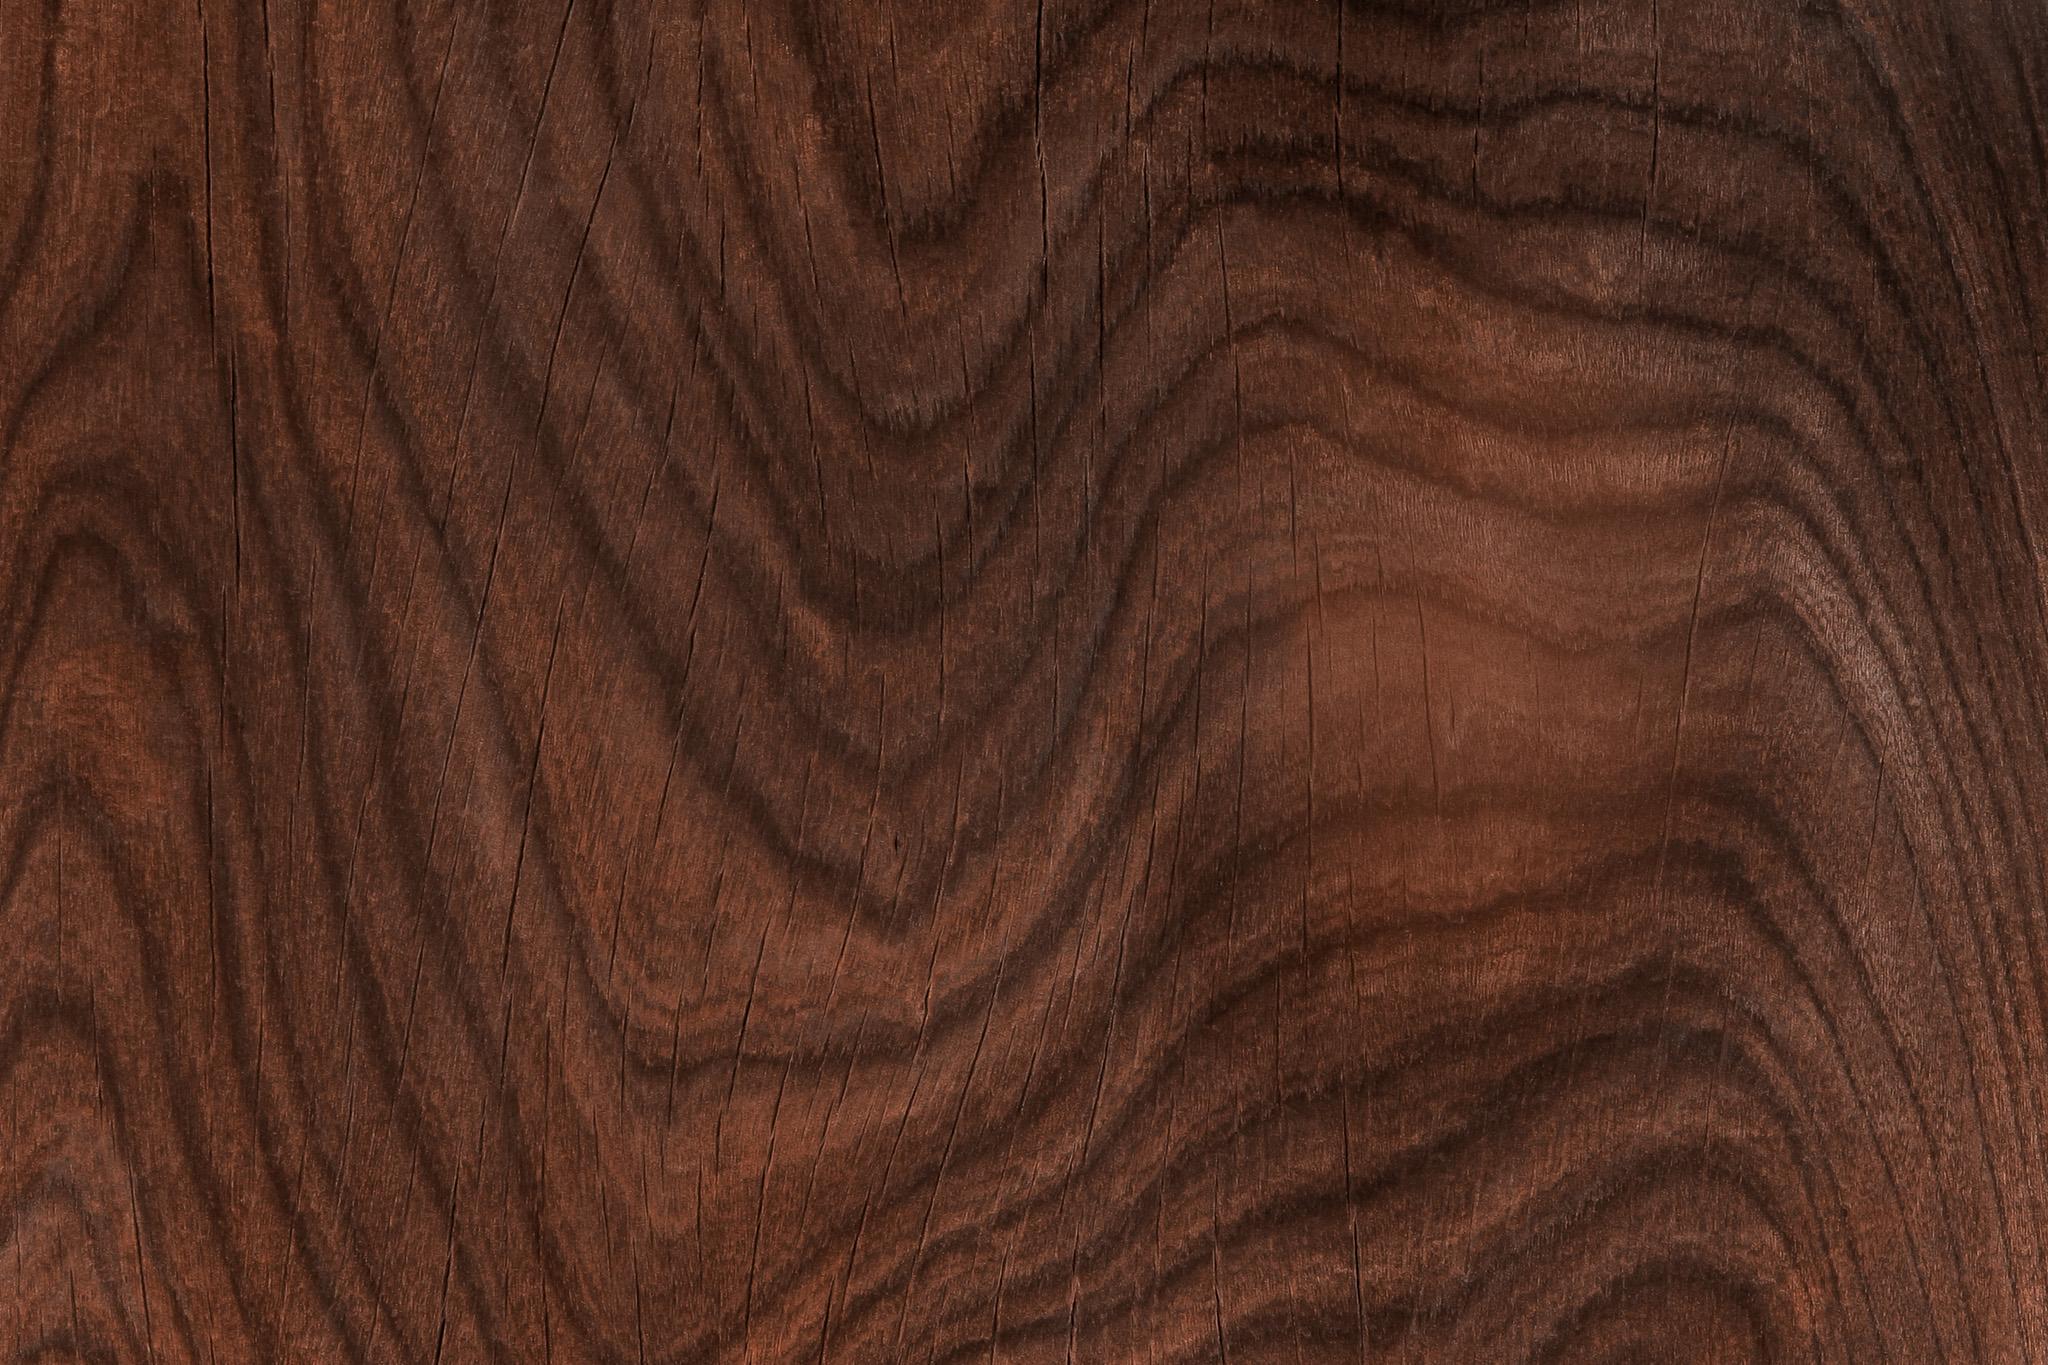 「古い木の板の杢目」